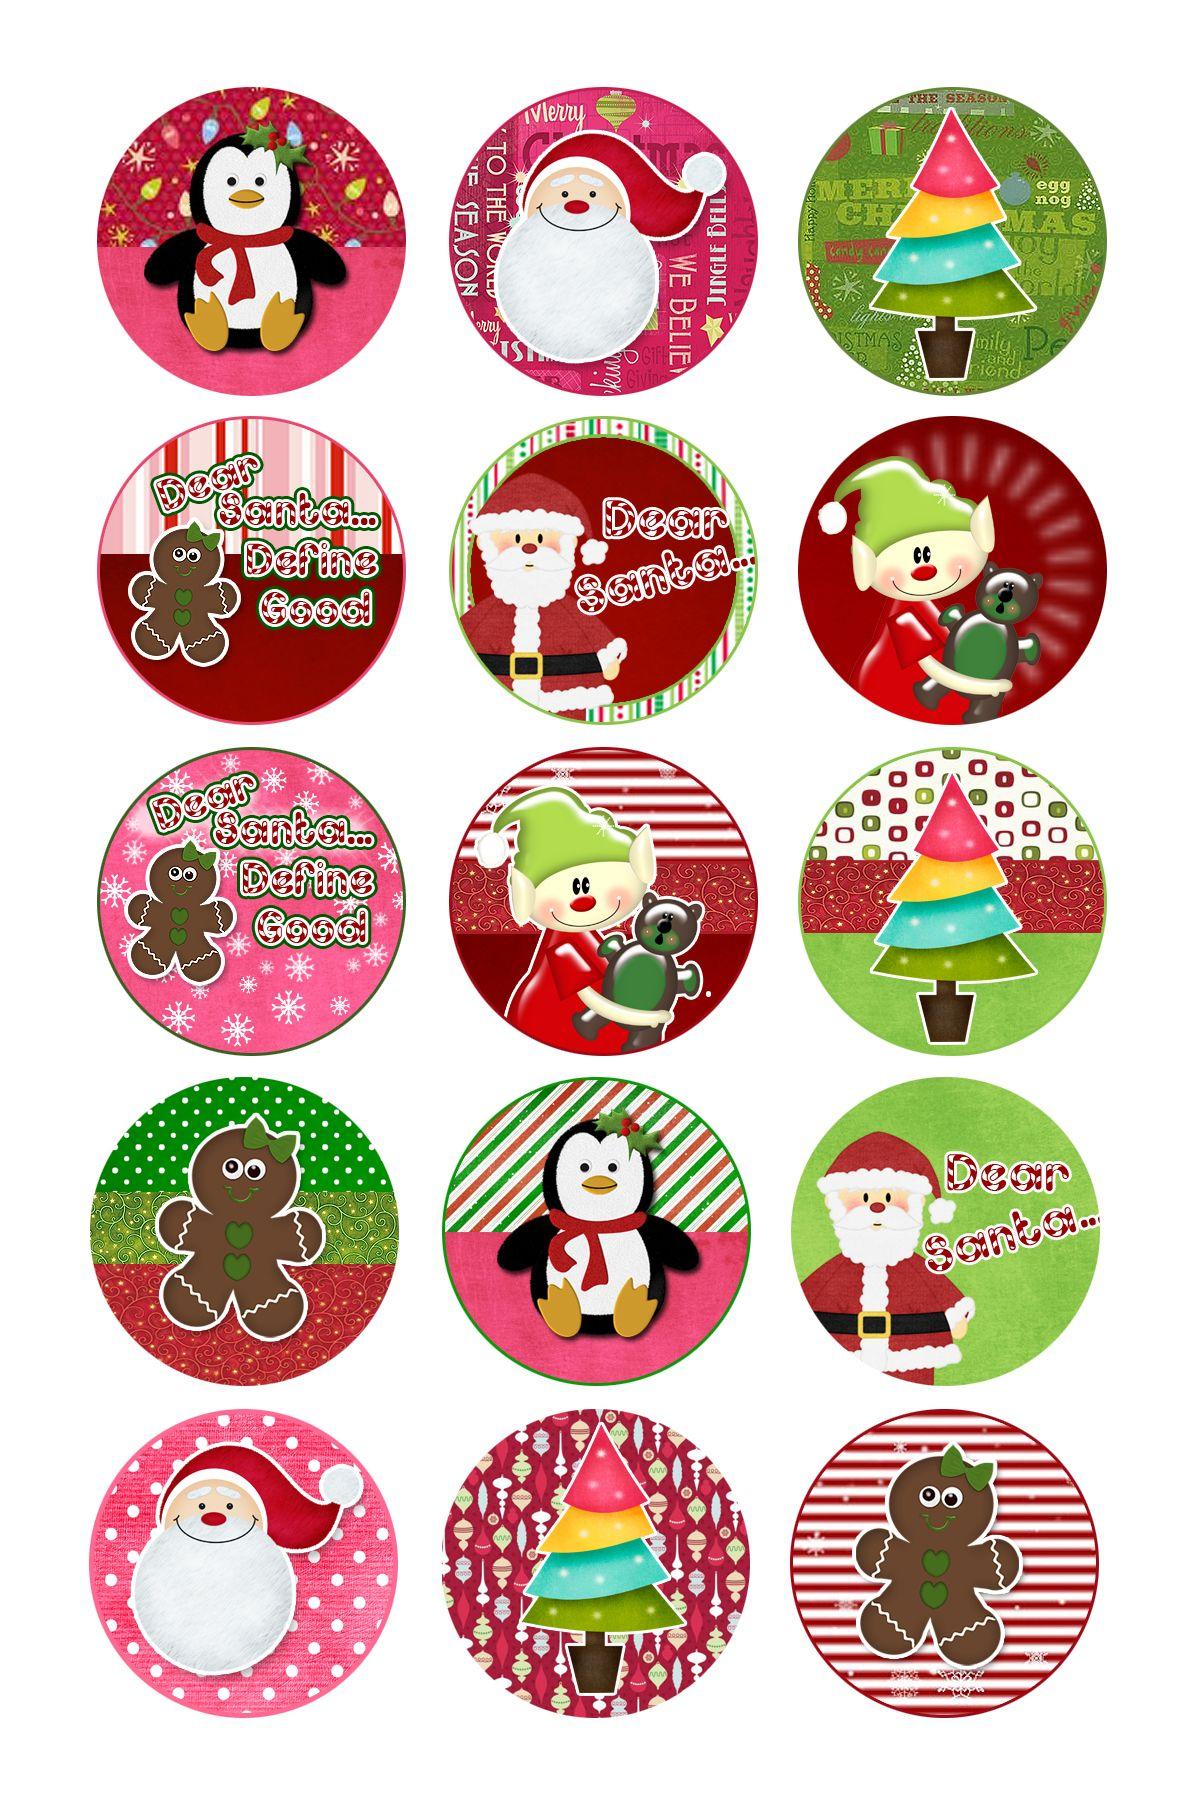 navidad | Tranfers | Pinterest | Navidad, Etiquetas y Imprimibles